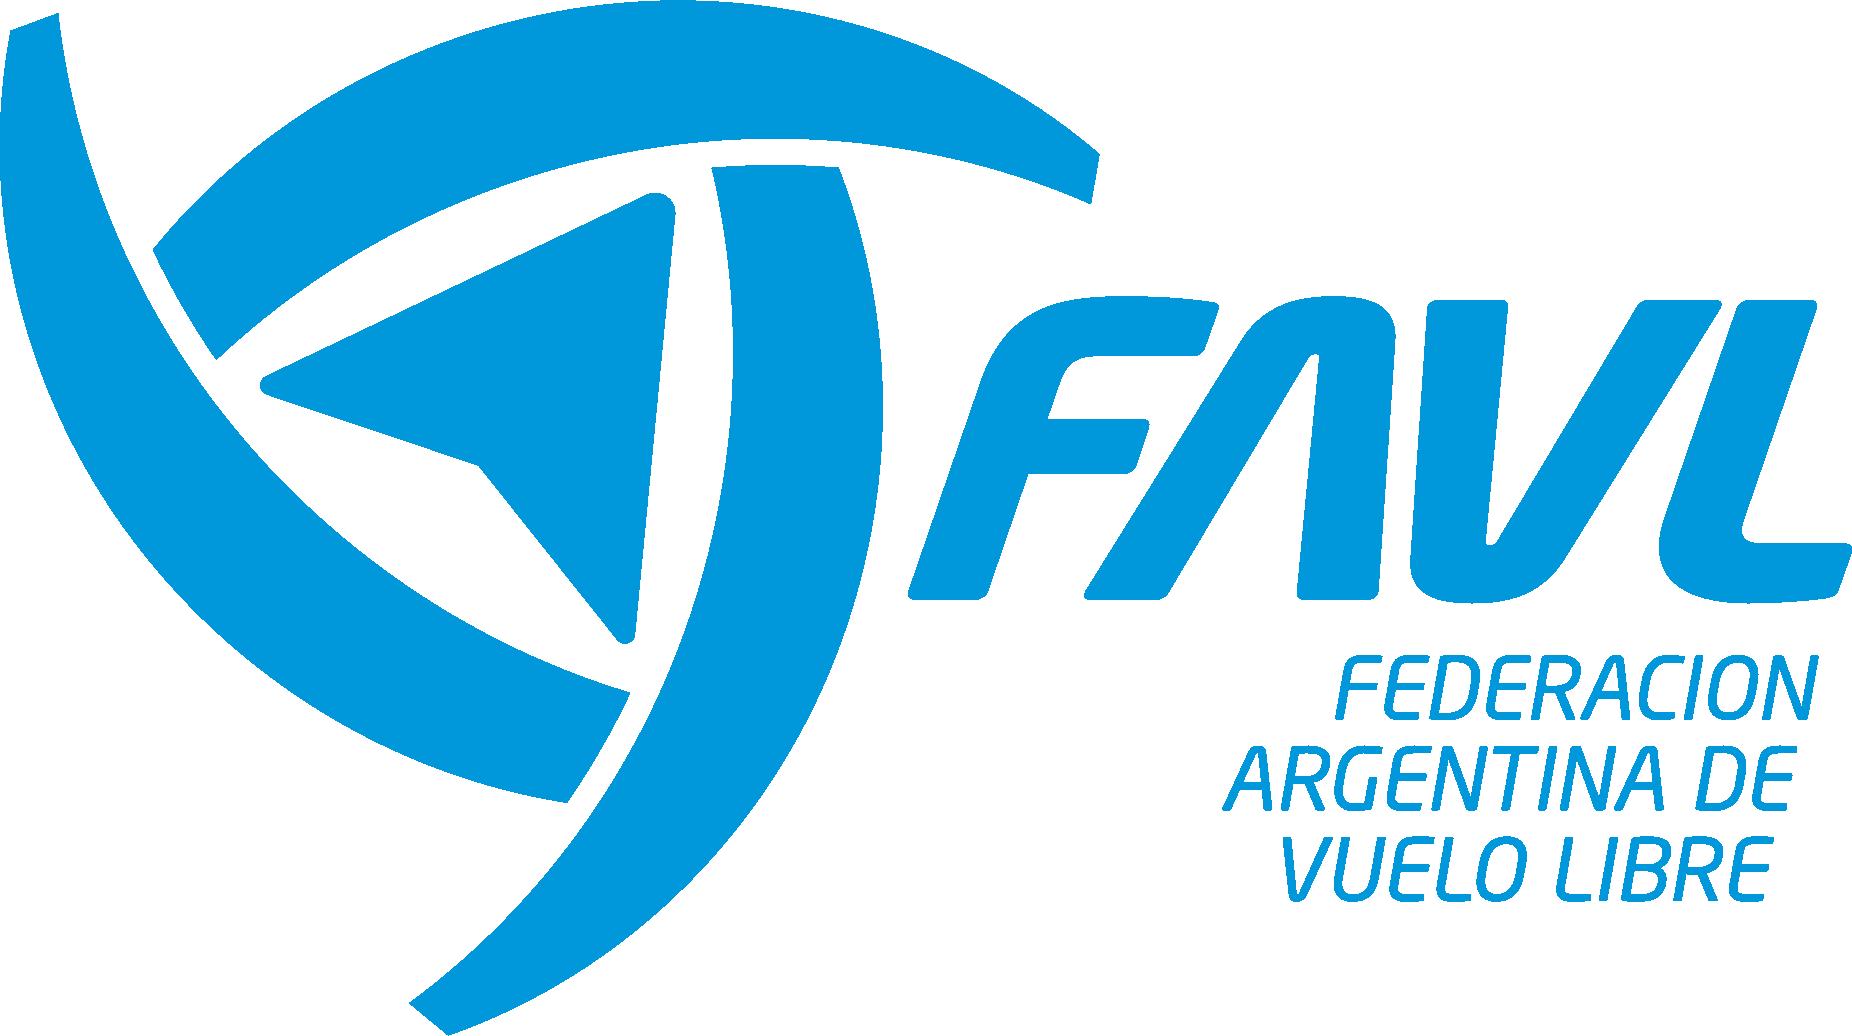 FEDERACION ARGENTINA DE VUELO LIBRE